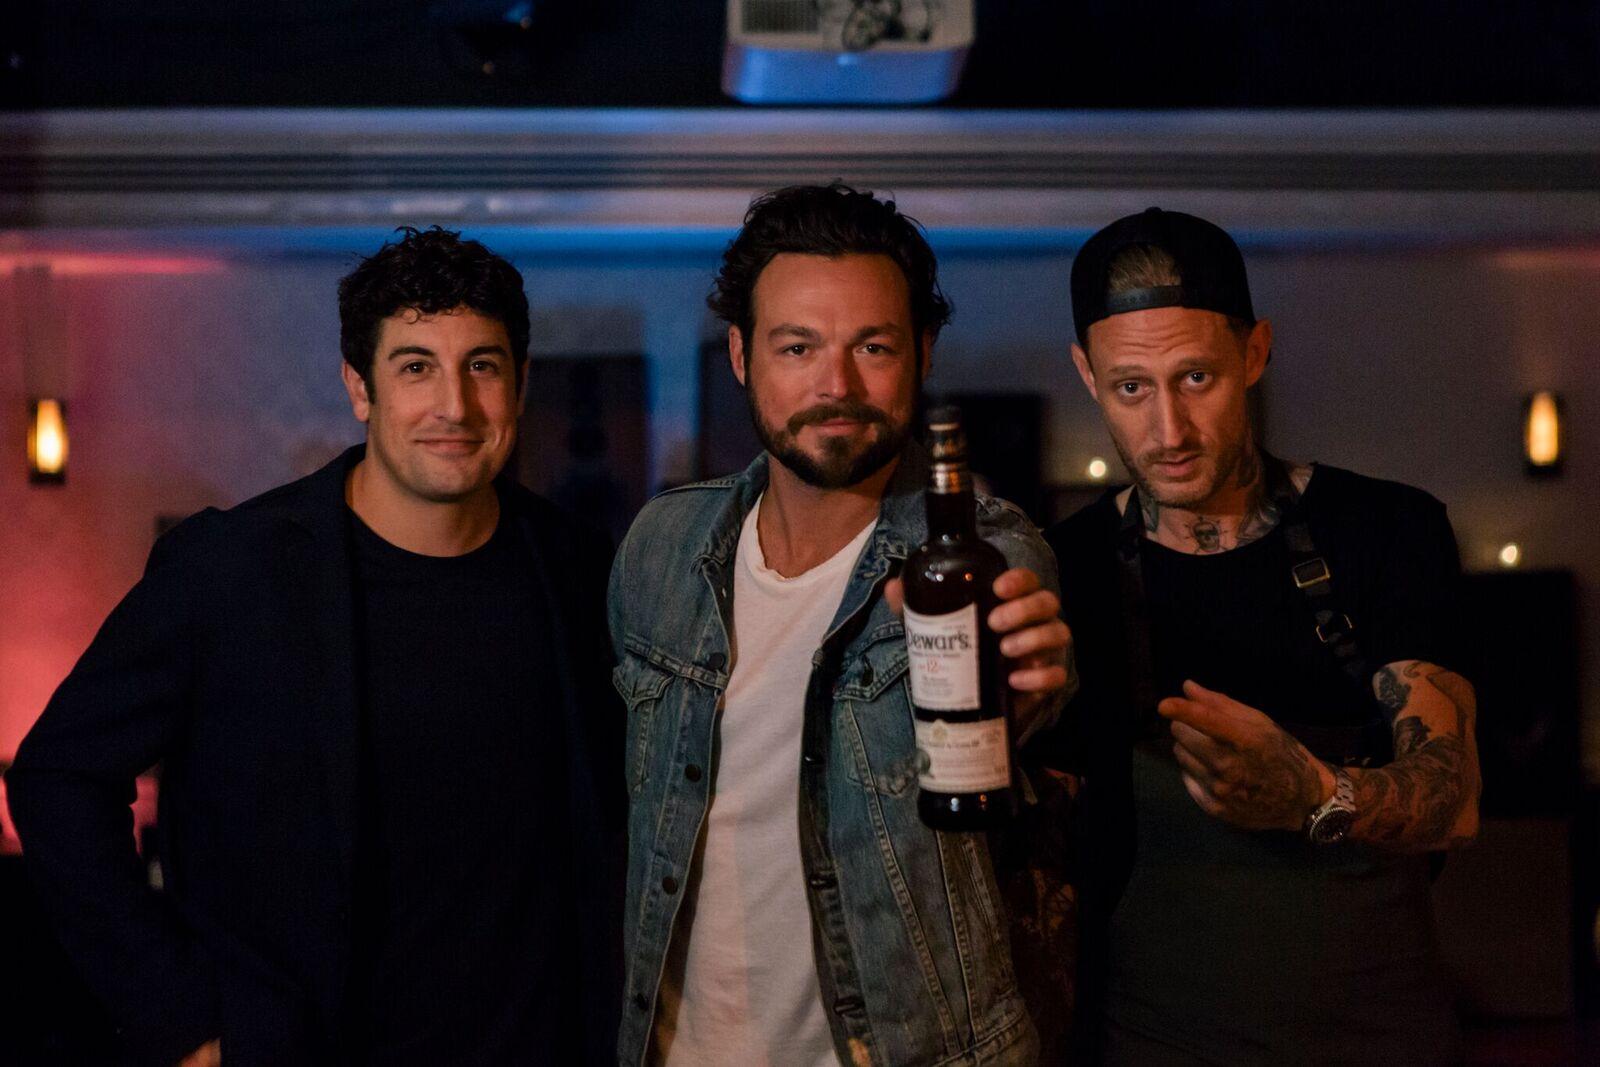 Jason Biggs, Gavriel Cardarella, and Michael Voltaggio at Dewar's Scotch Egg Club